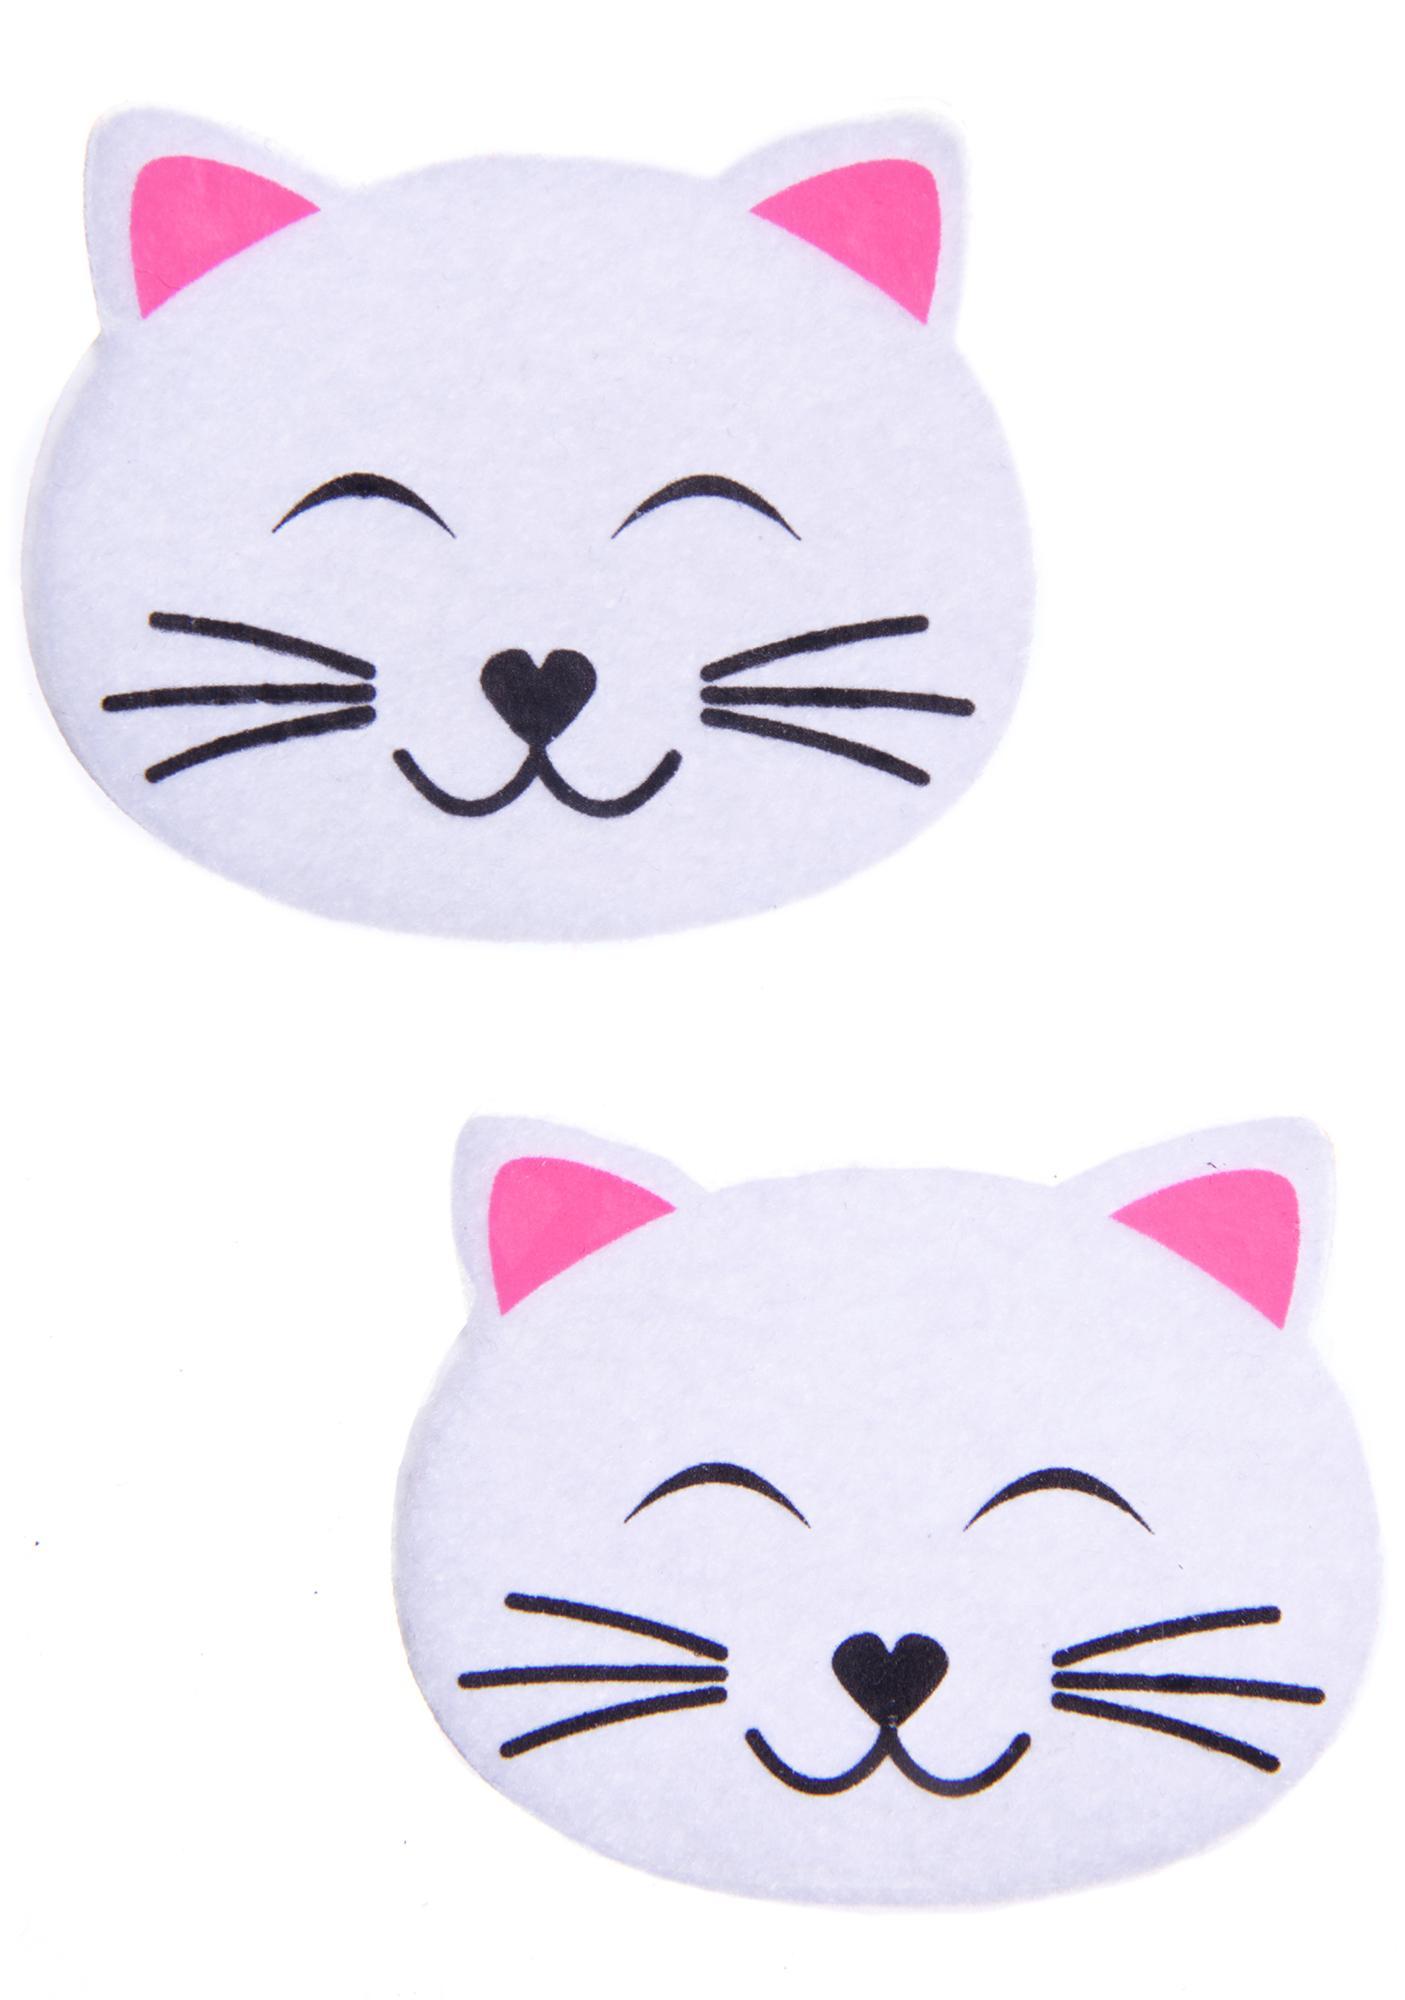 Smitten Kitten Pasties